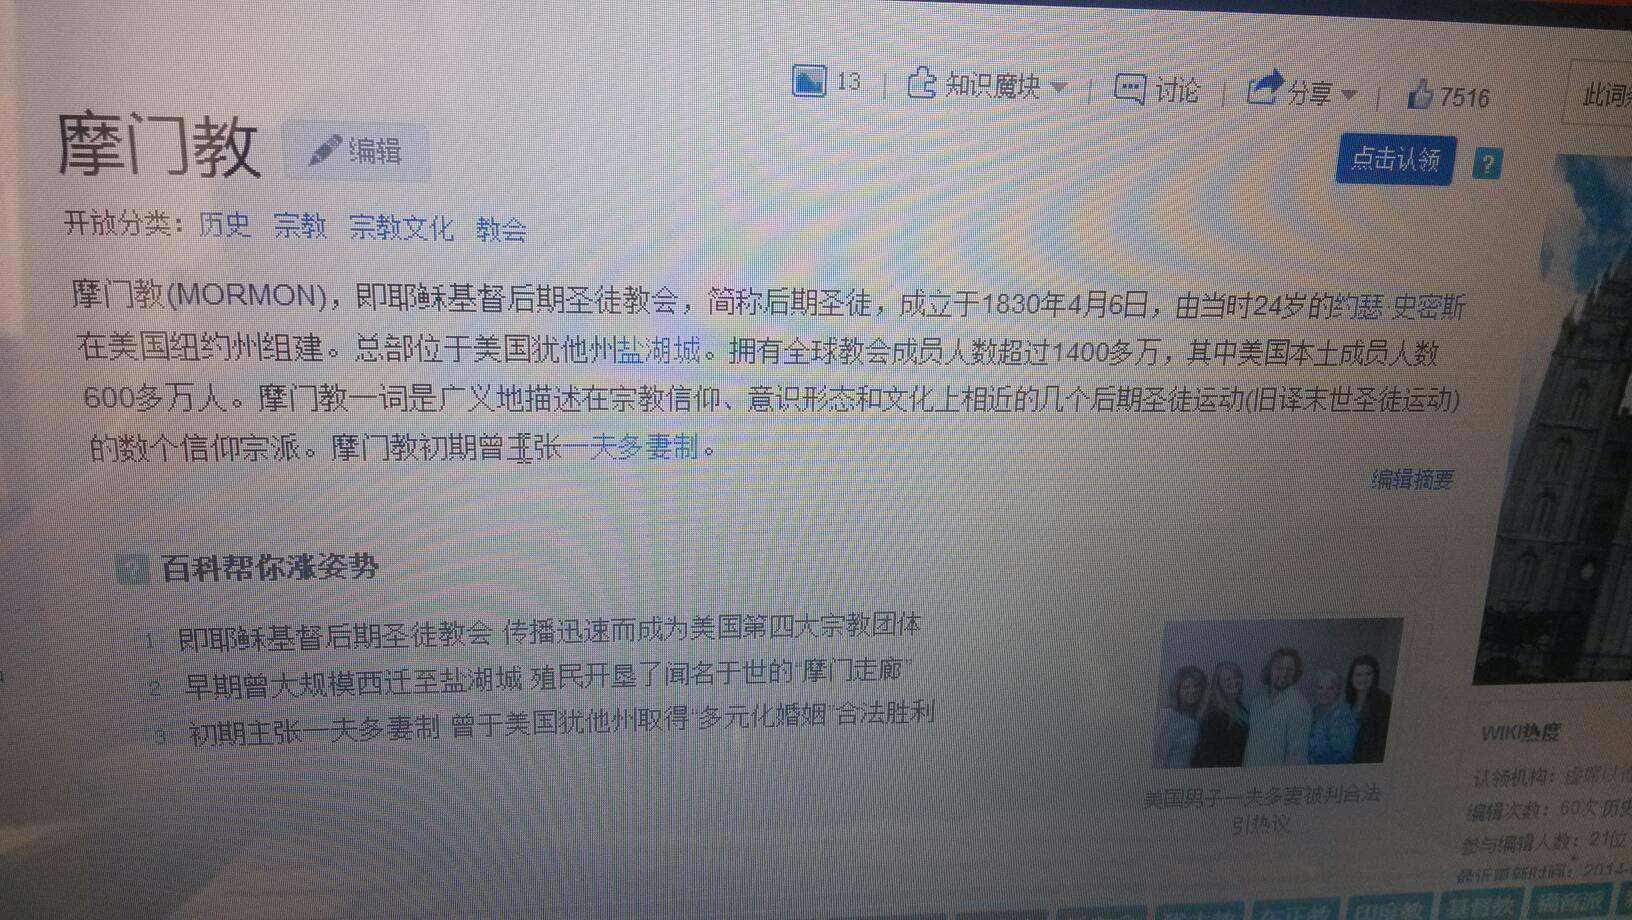 中国摩门教_摩门教在中国是邪教组织吗